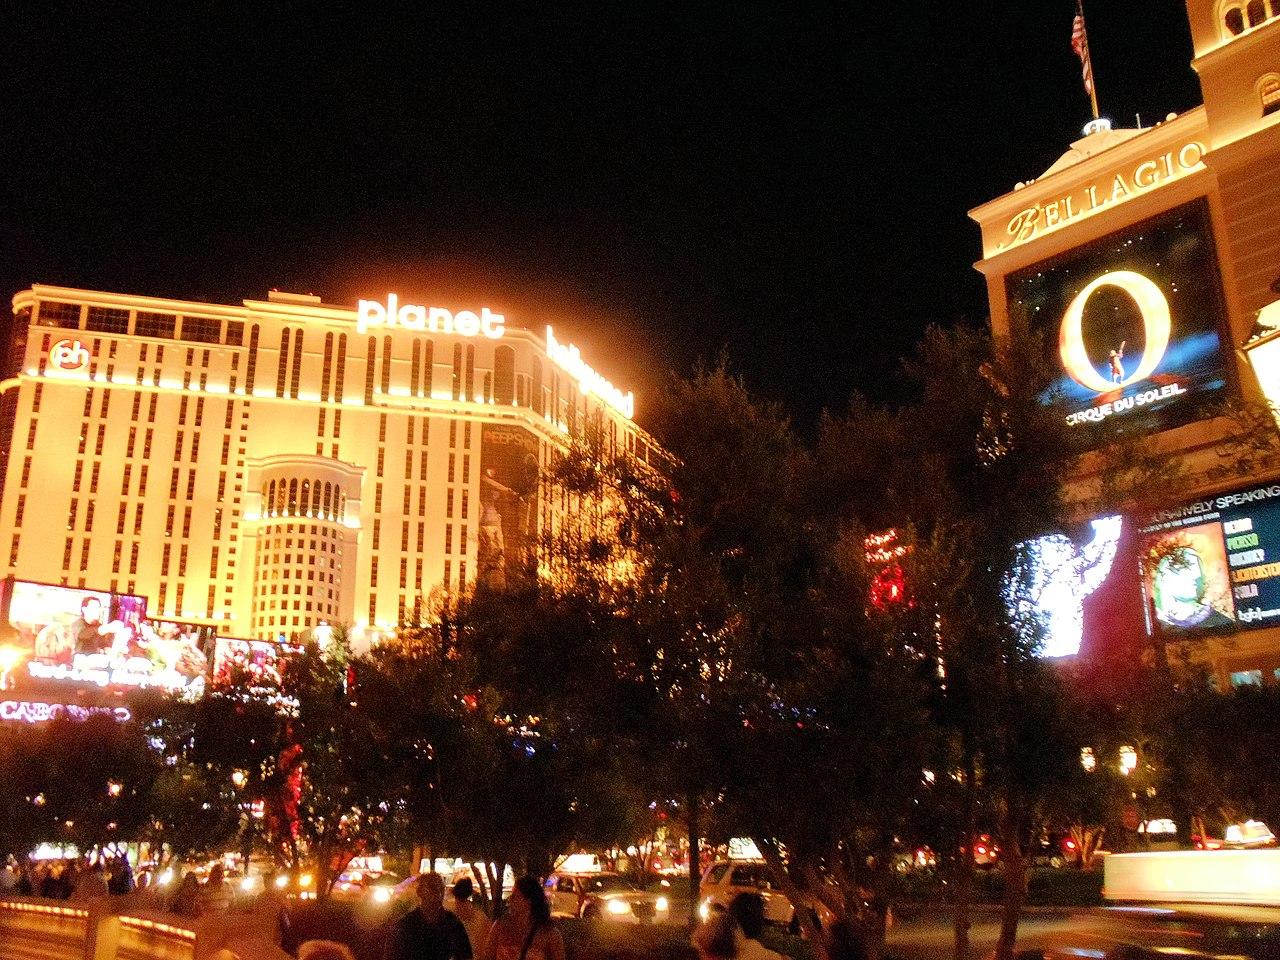 Las vegas nevada casino pictures prohibit casino gambling